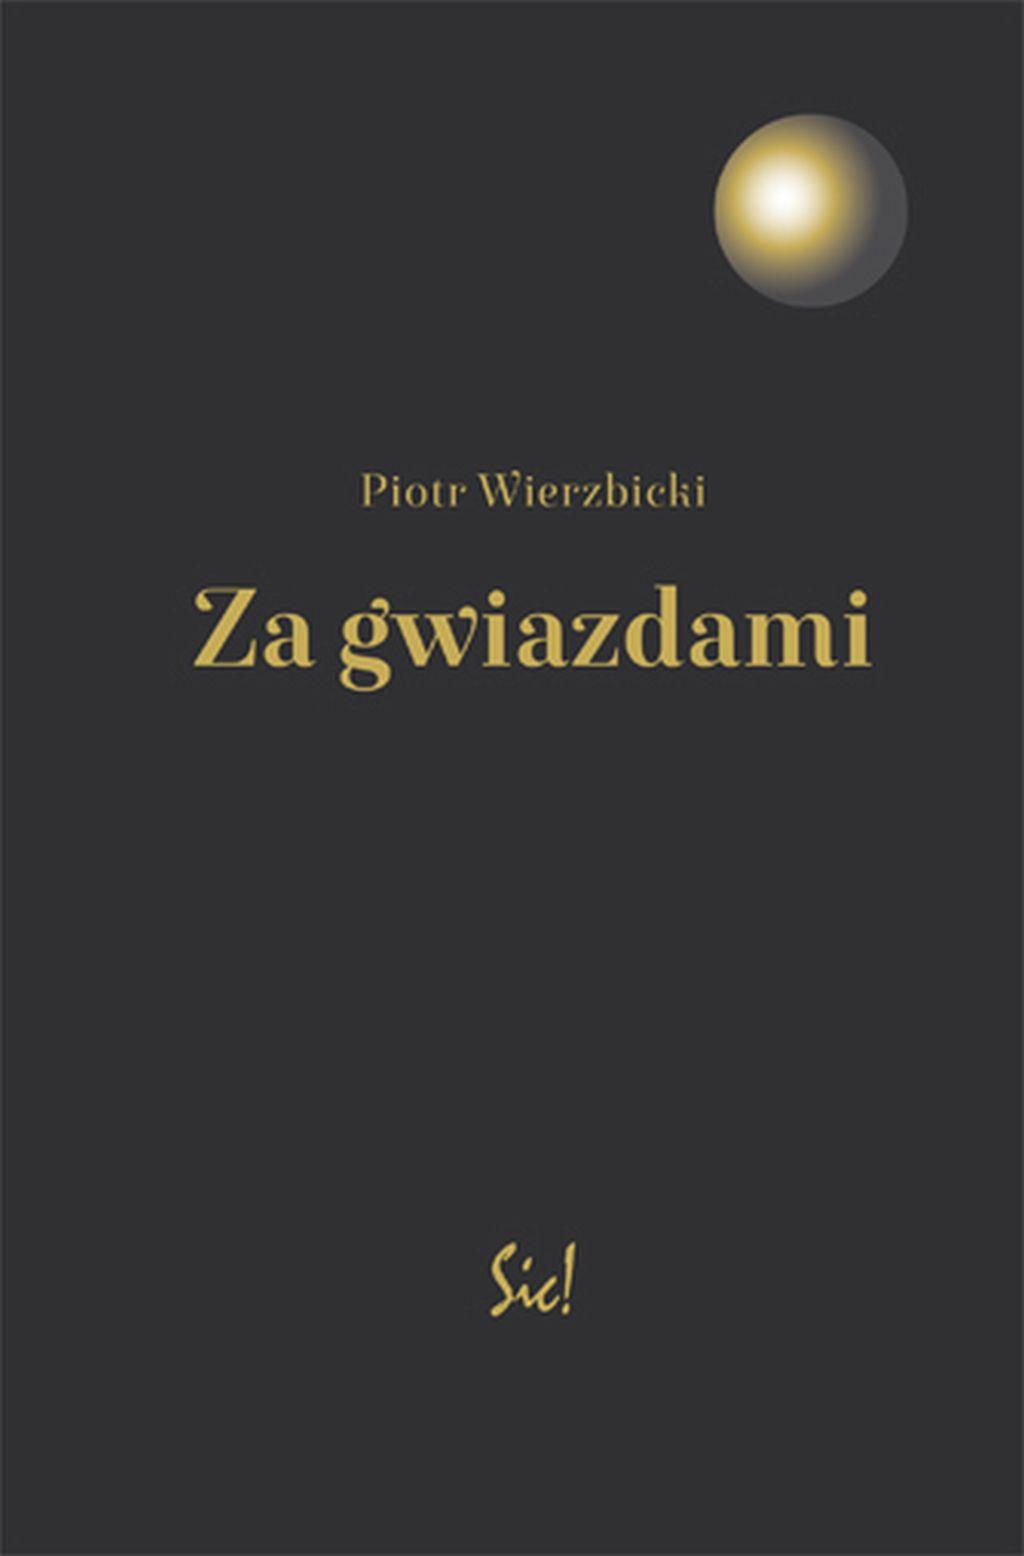 """Piotr Wierzbicki, """"Za gwiazdami"""" (źródło: materiały prasowe wydawnictwa)"""